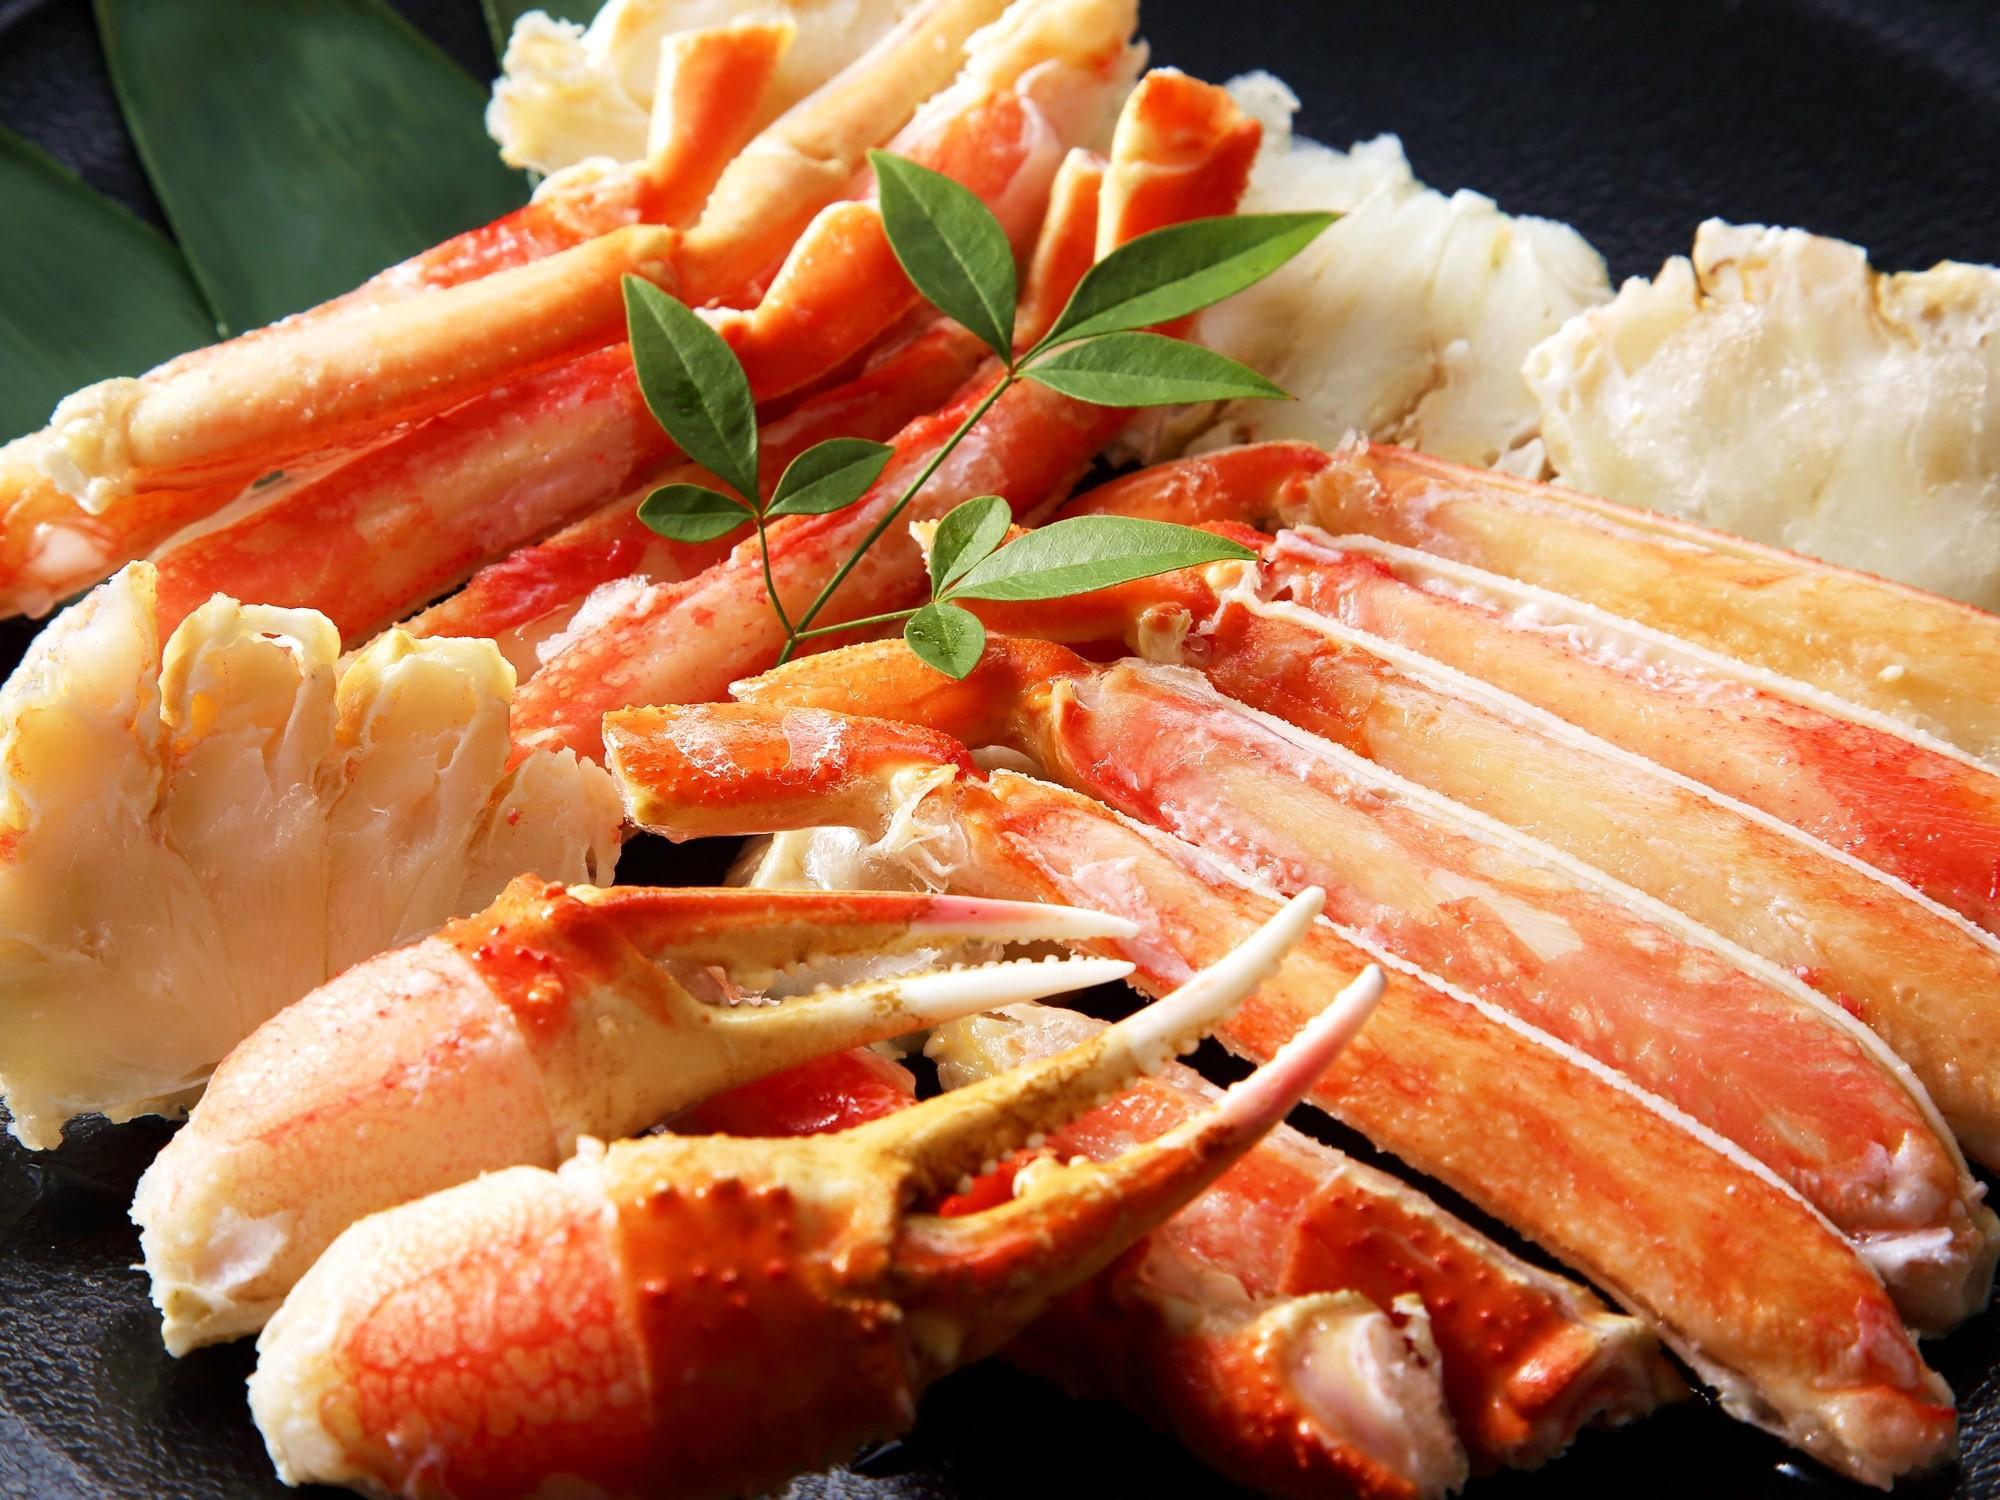 【美味旬旅◆特別会席 潮~うしお】北海道のご馳走を食す 蟹づくしの特選会席 [夕食:個室会食処]